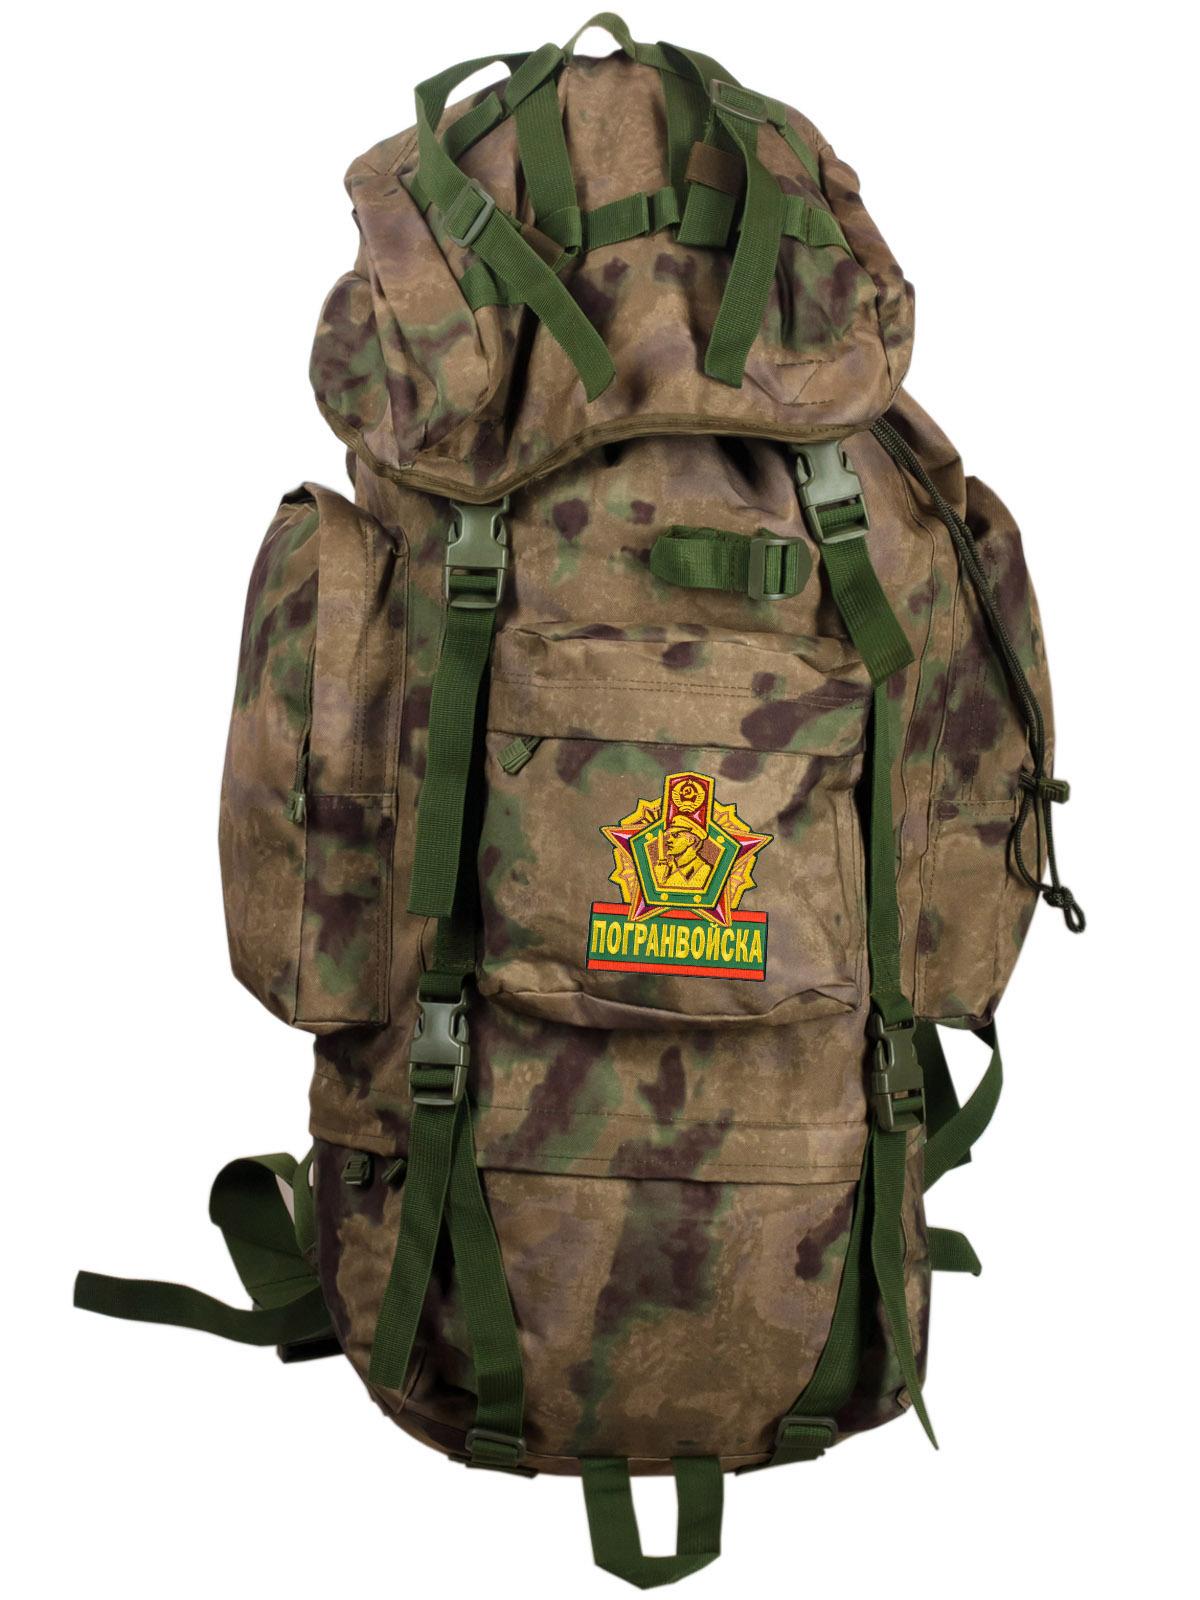 Тактический ранец-рюкзак пограничнику - заказать в подарок